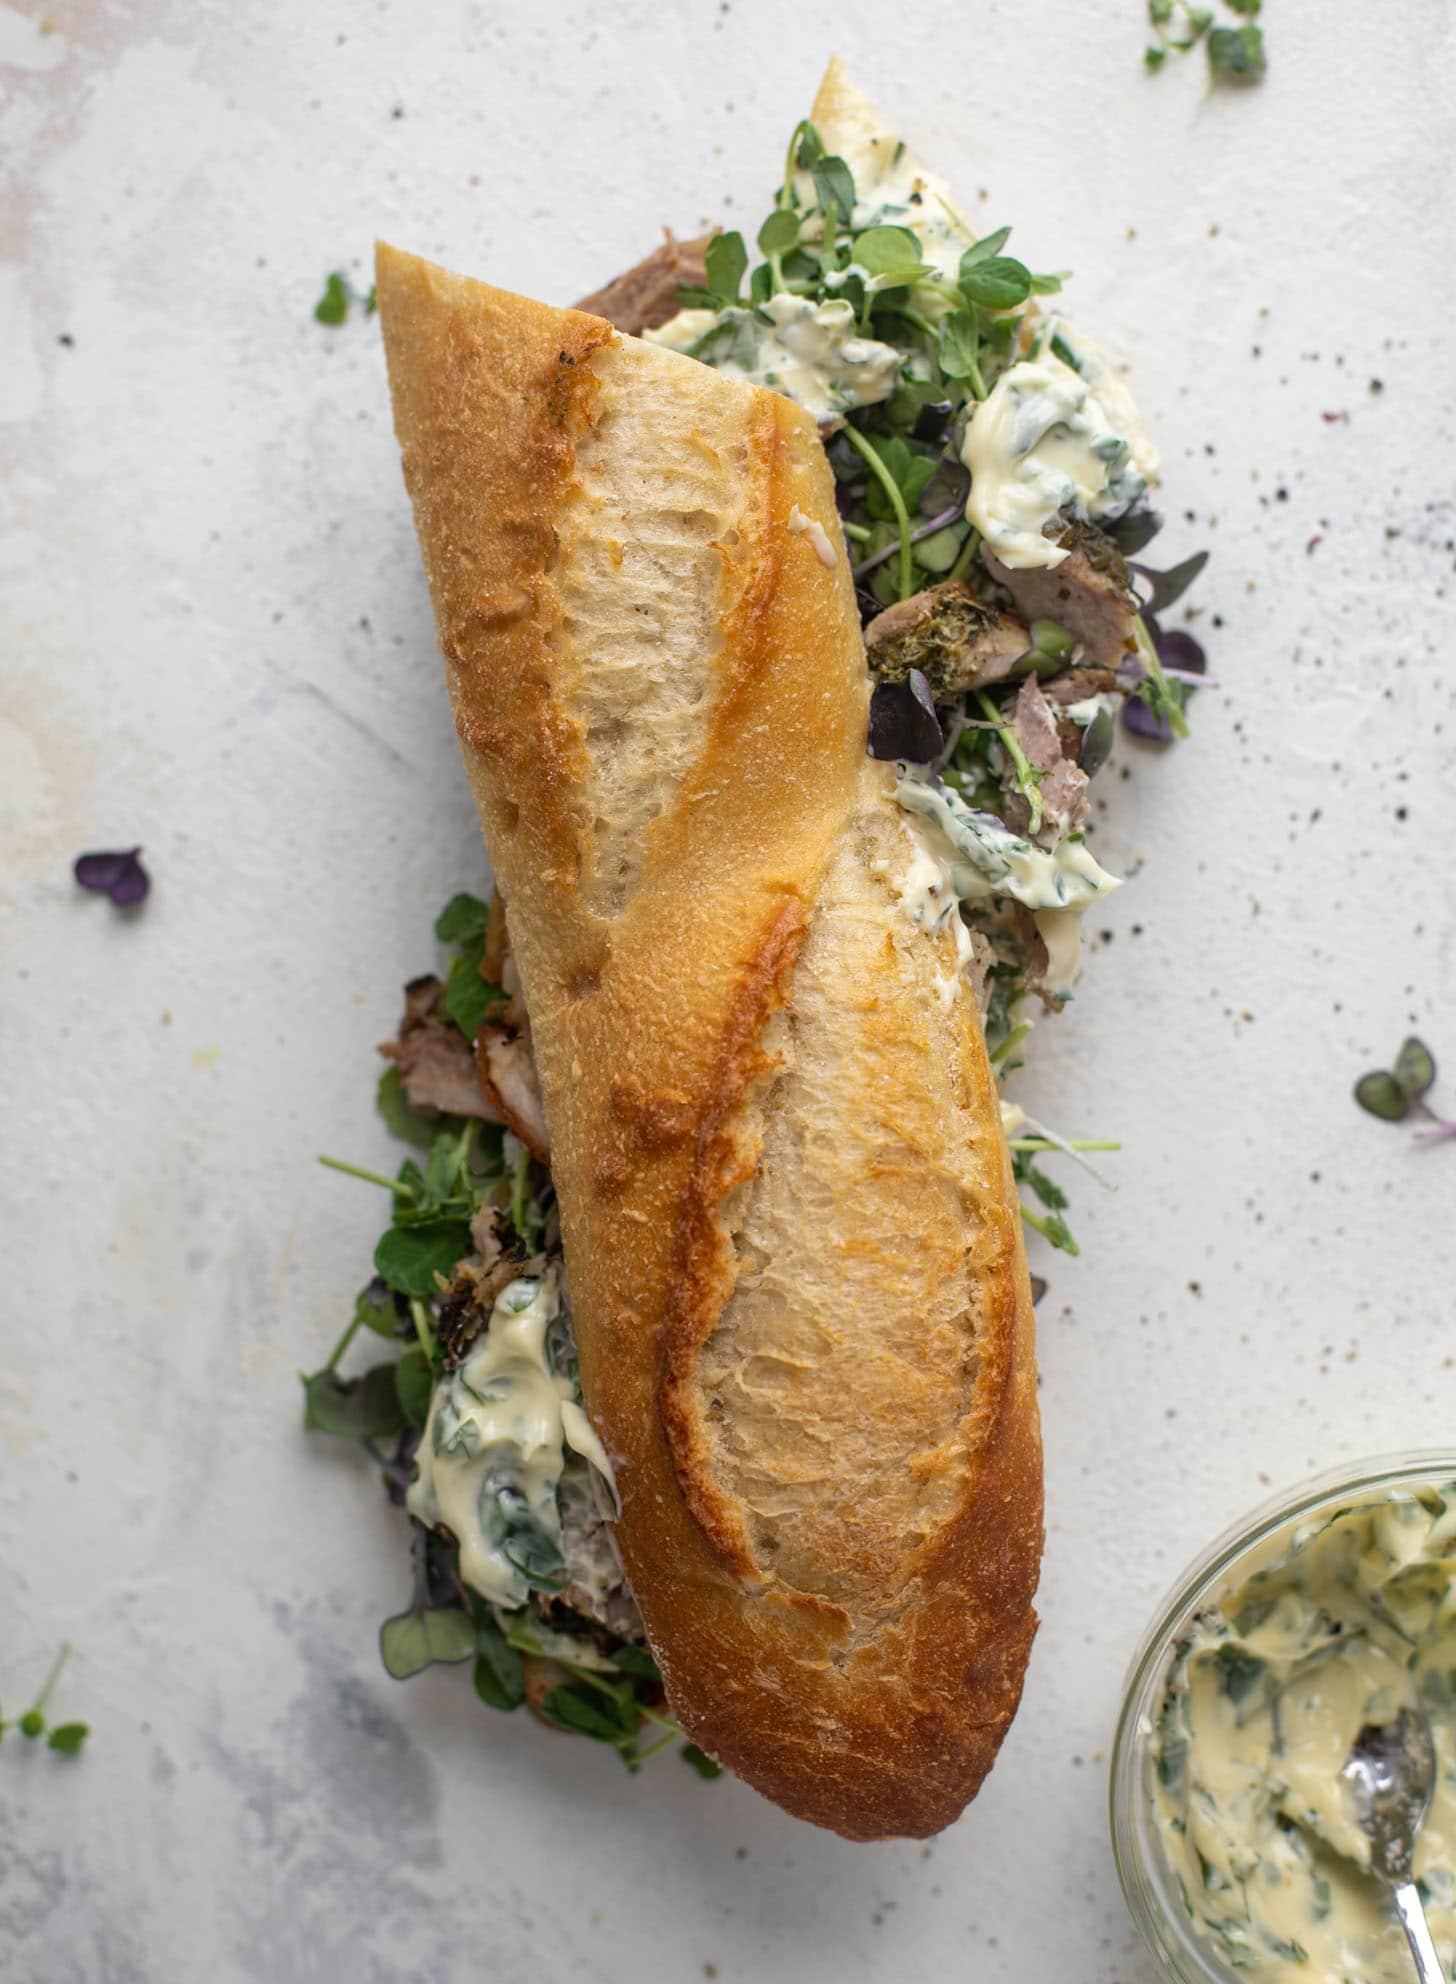 porchetta sandwiches with garlic herb mayo